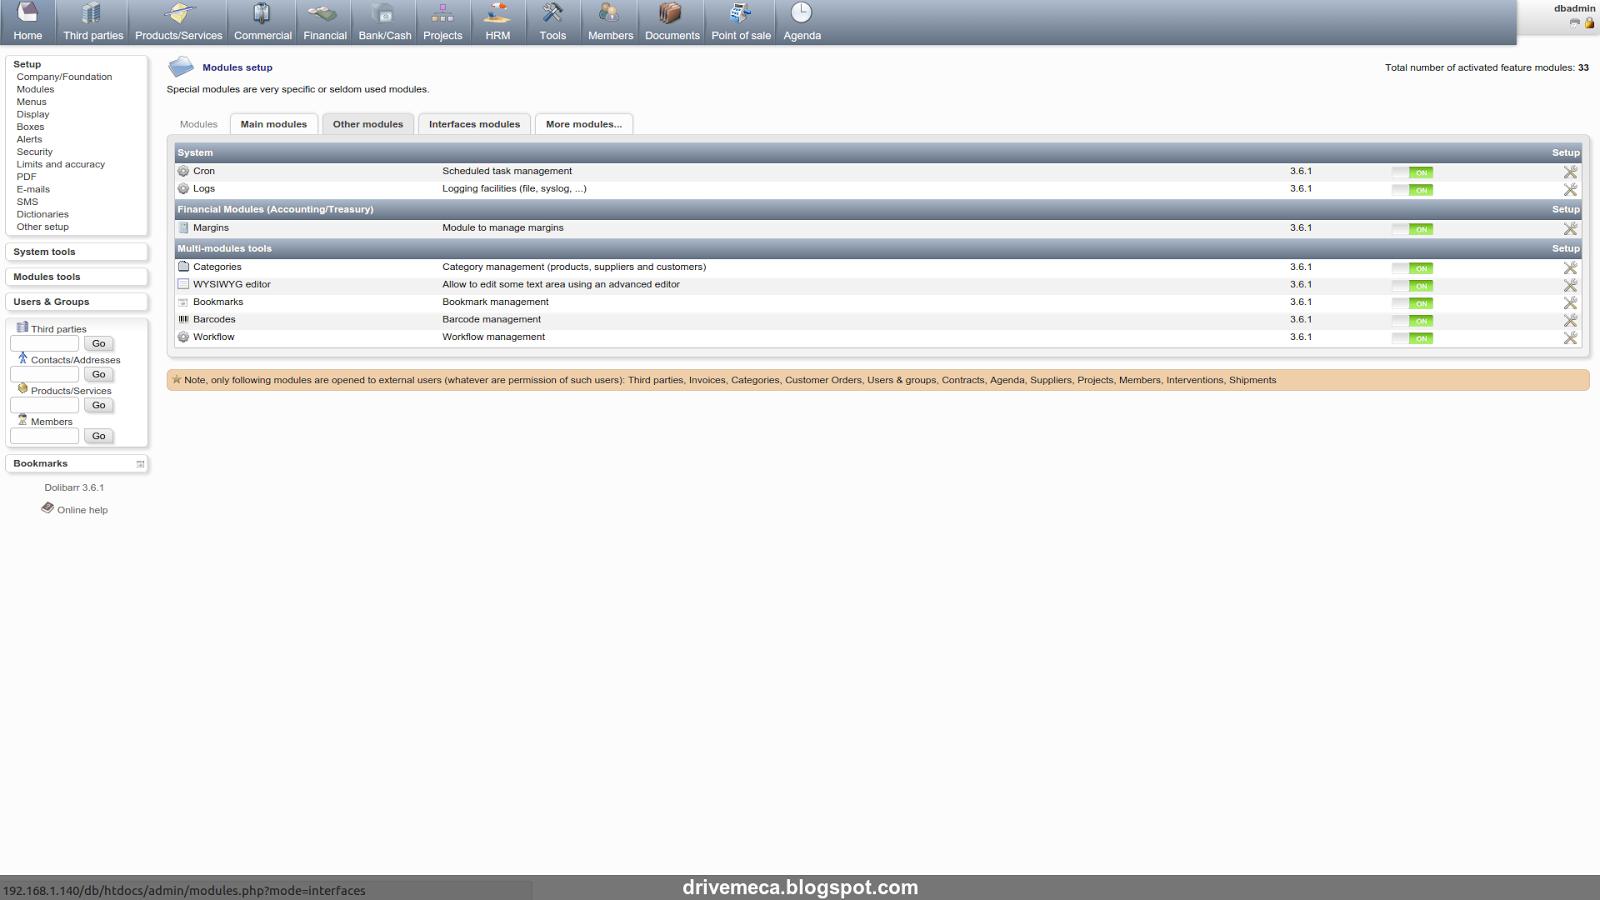 DriveMeca instalando Dolibarr ERP/CRM en un servidor Linux Centos 7 paso a paso